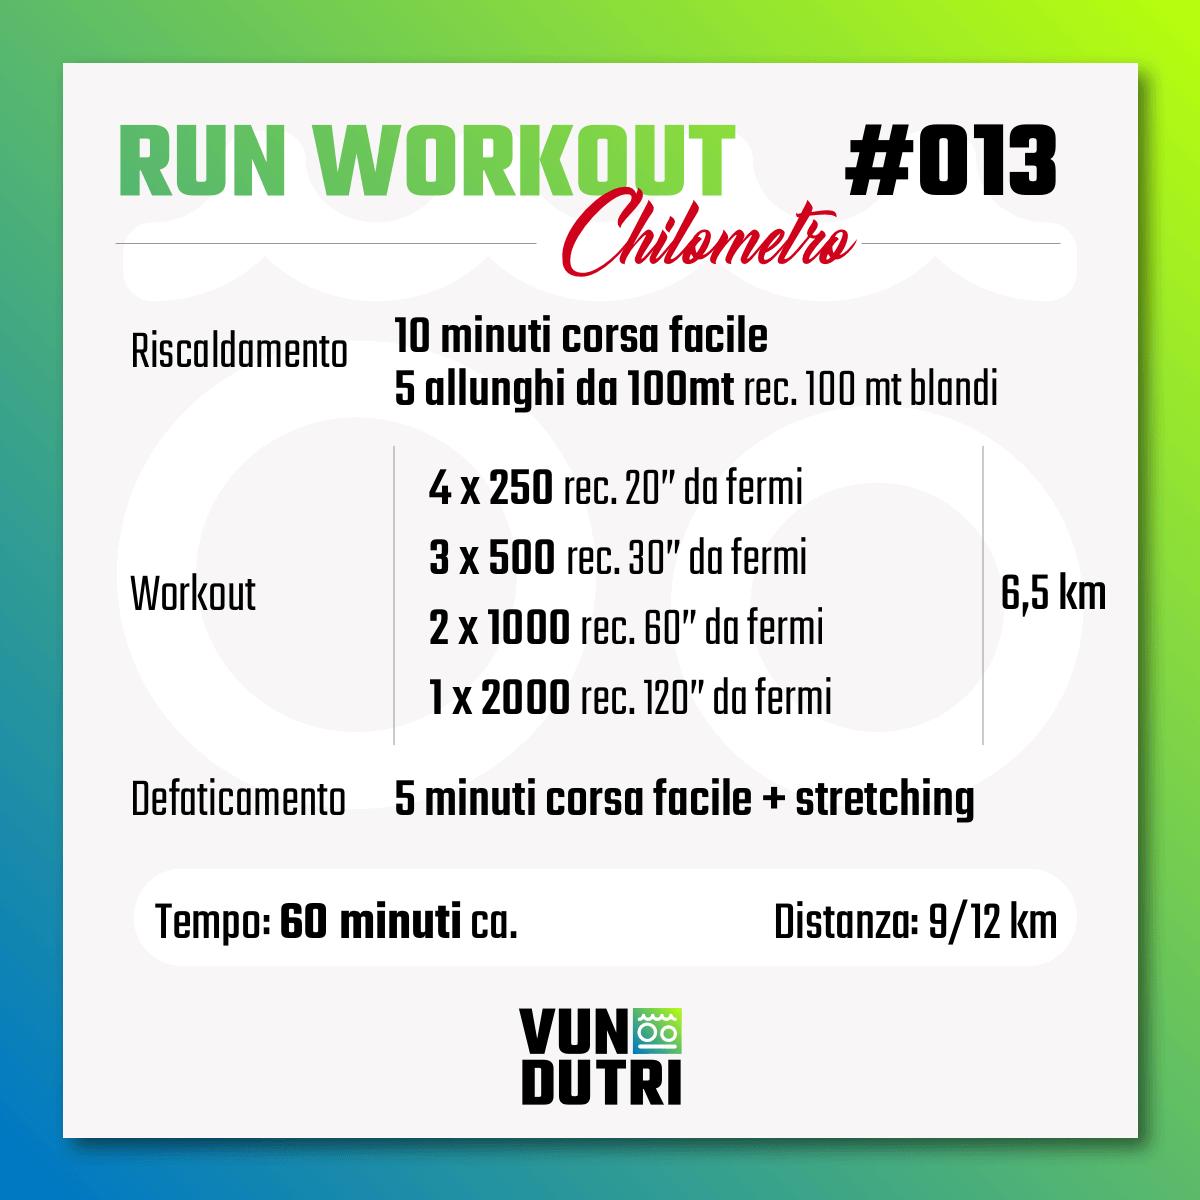 Run Workout 013 - Chilometro